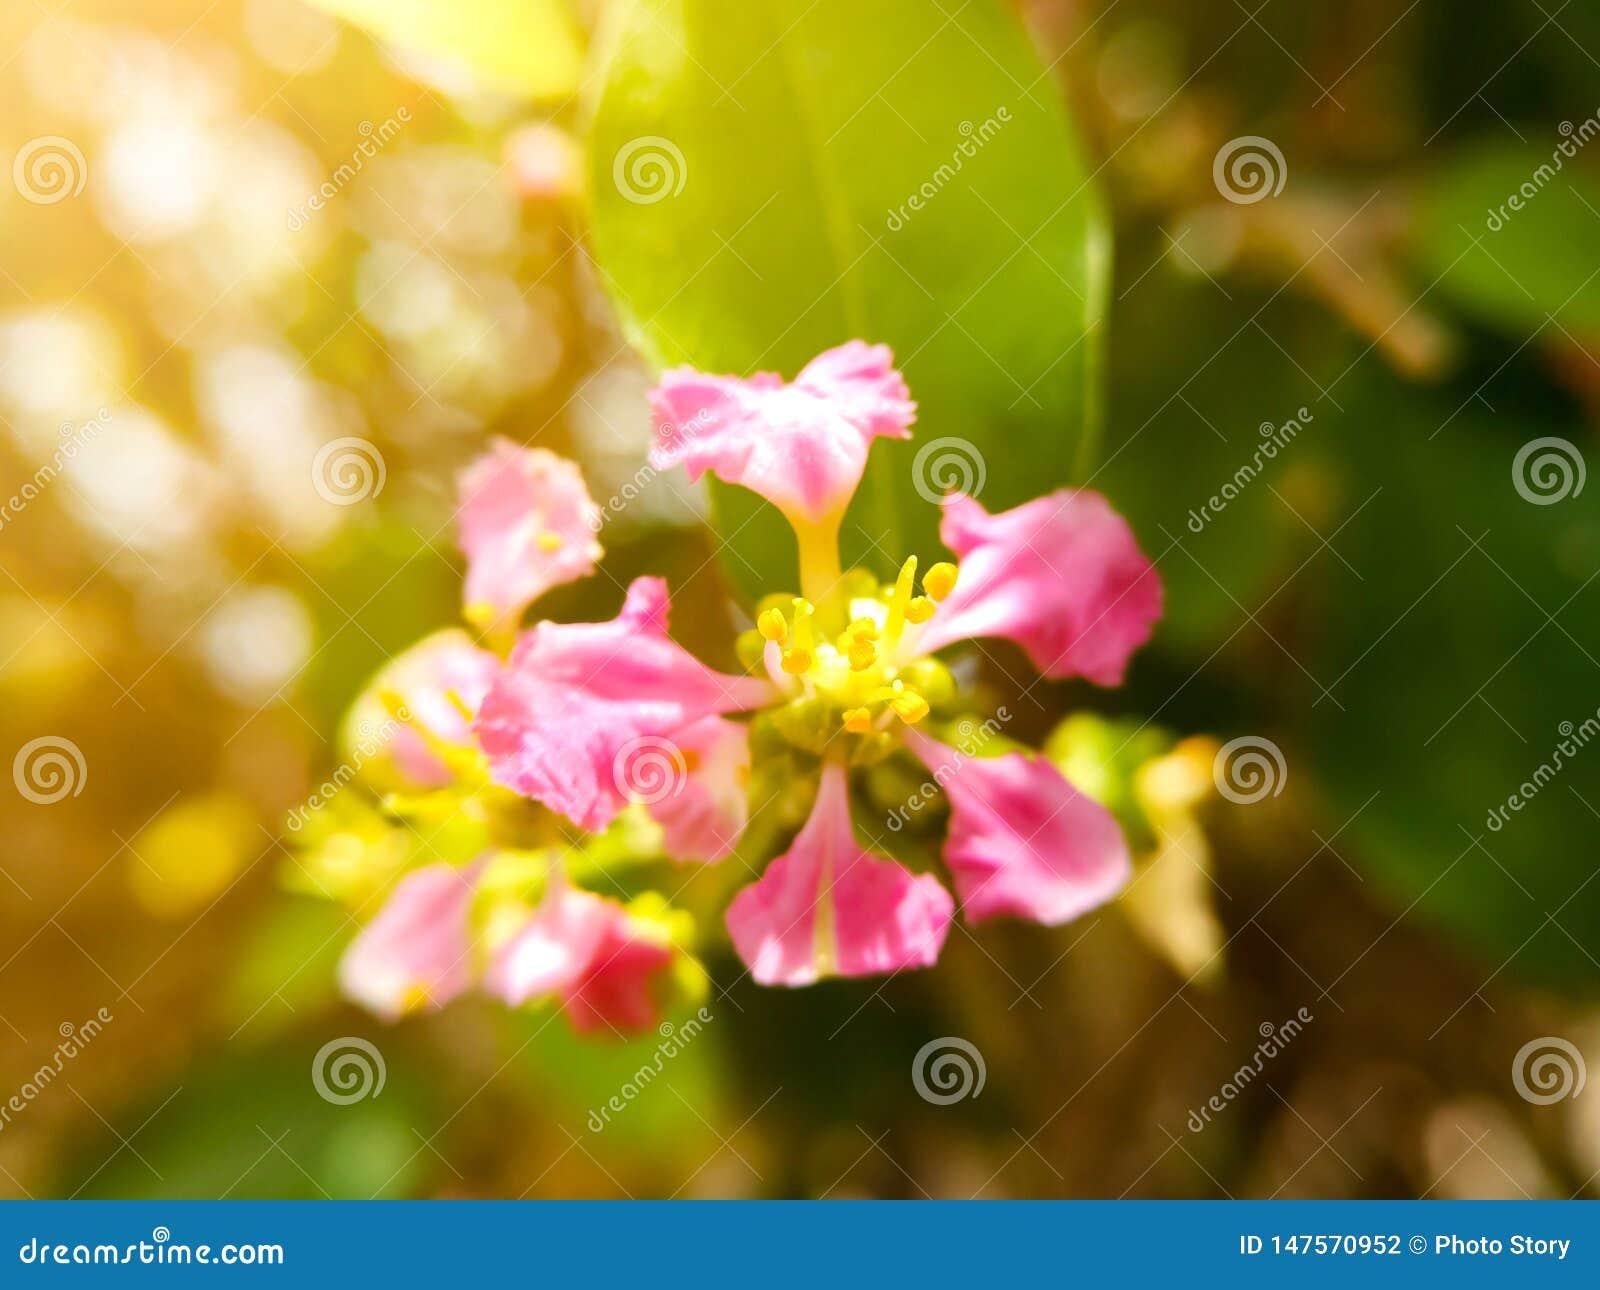 Auswahlweichzeichnung auf dem gelben Blütenstaub von schönen rosa Blumen Rosa Blumen mit bokeh Natur-Lichthintergrund